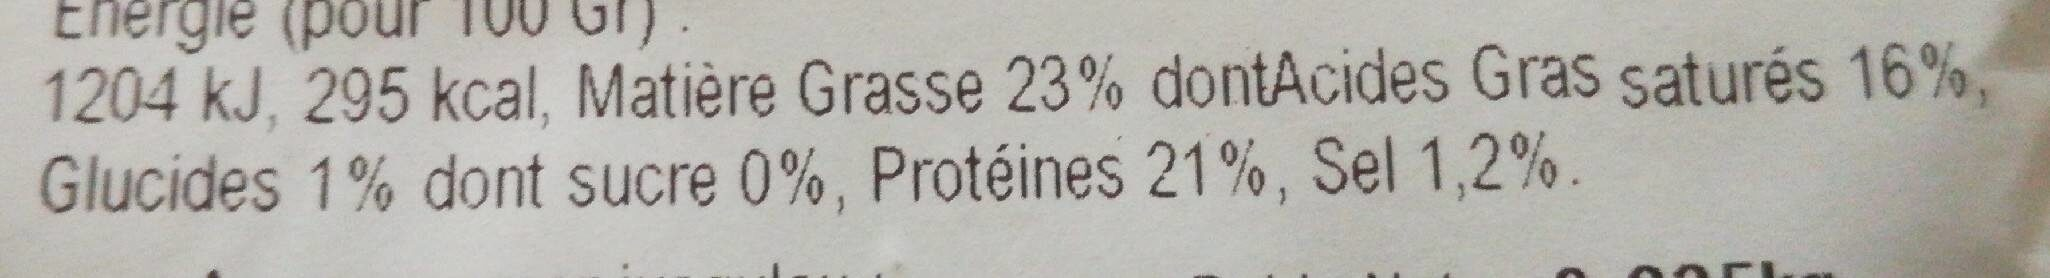 Bûche de chèvre - Nutrition facts